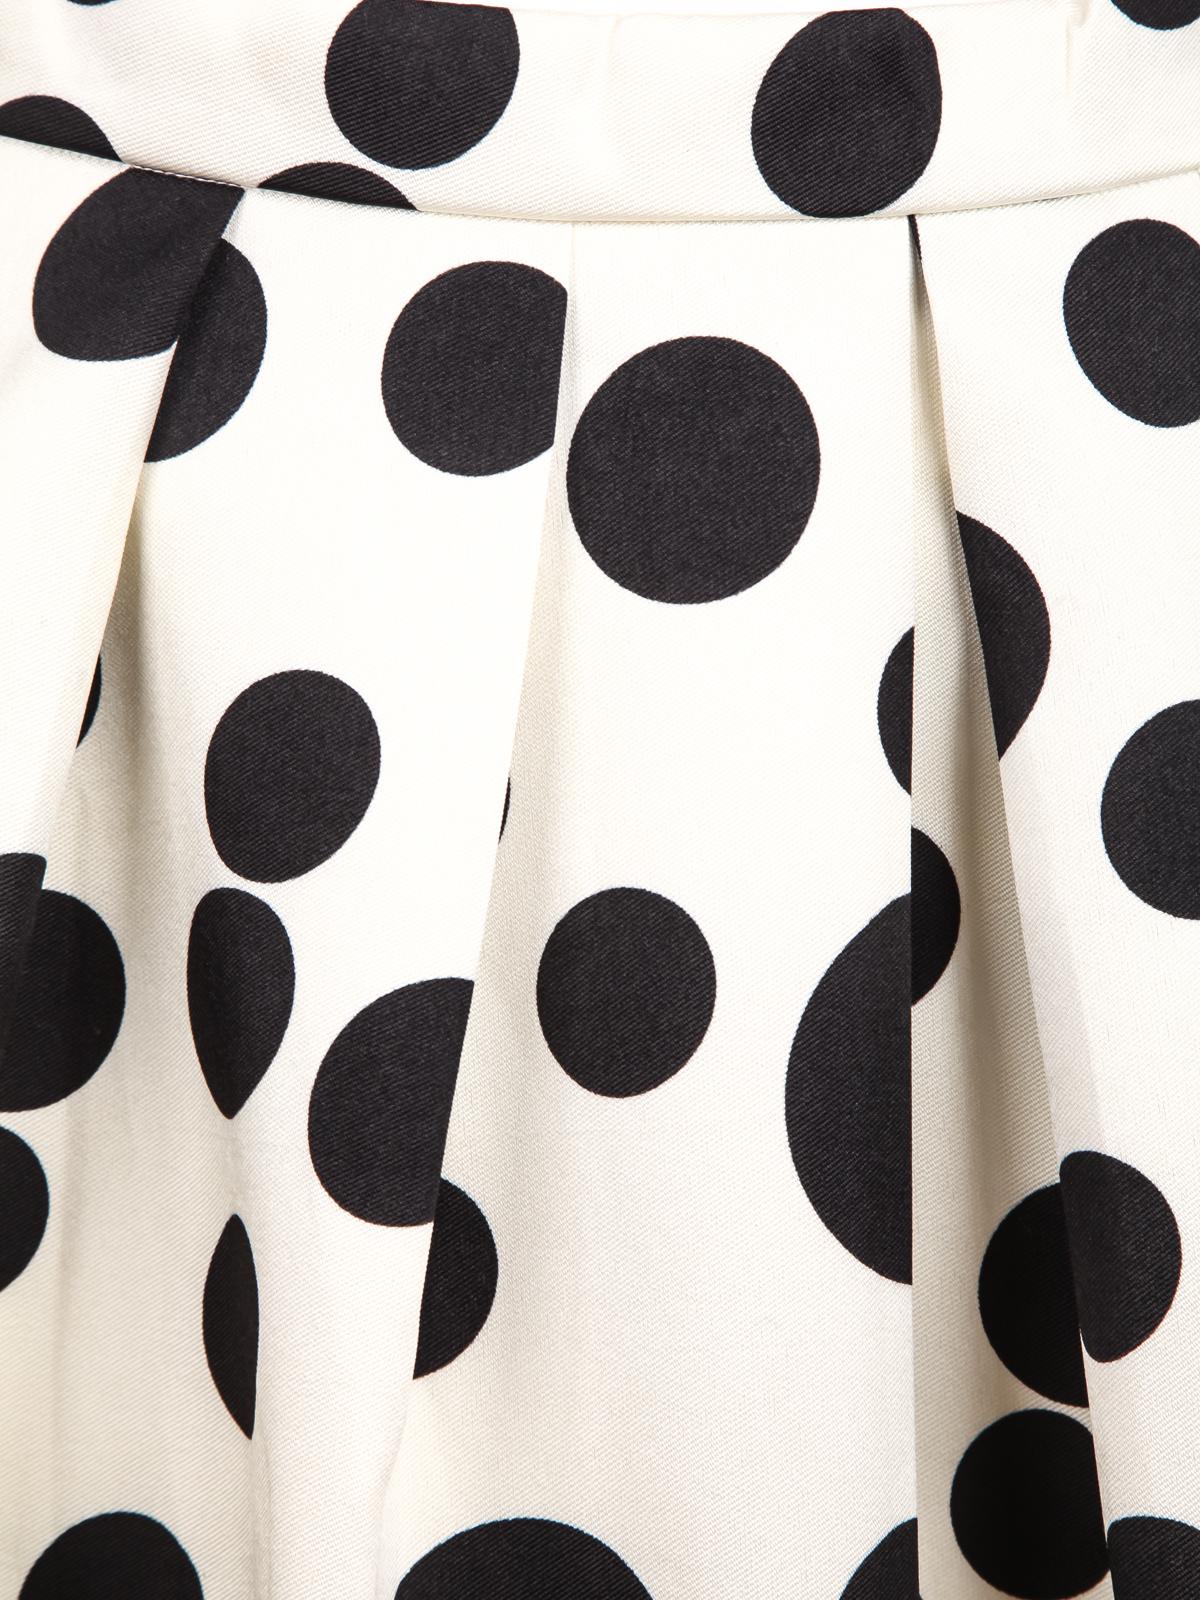 White Polka Dot Pleated Skirt - Sheinside.com